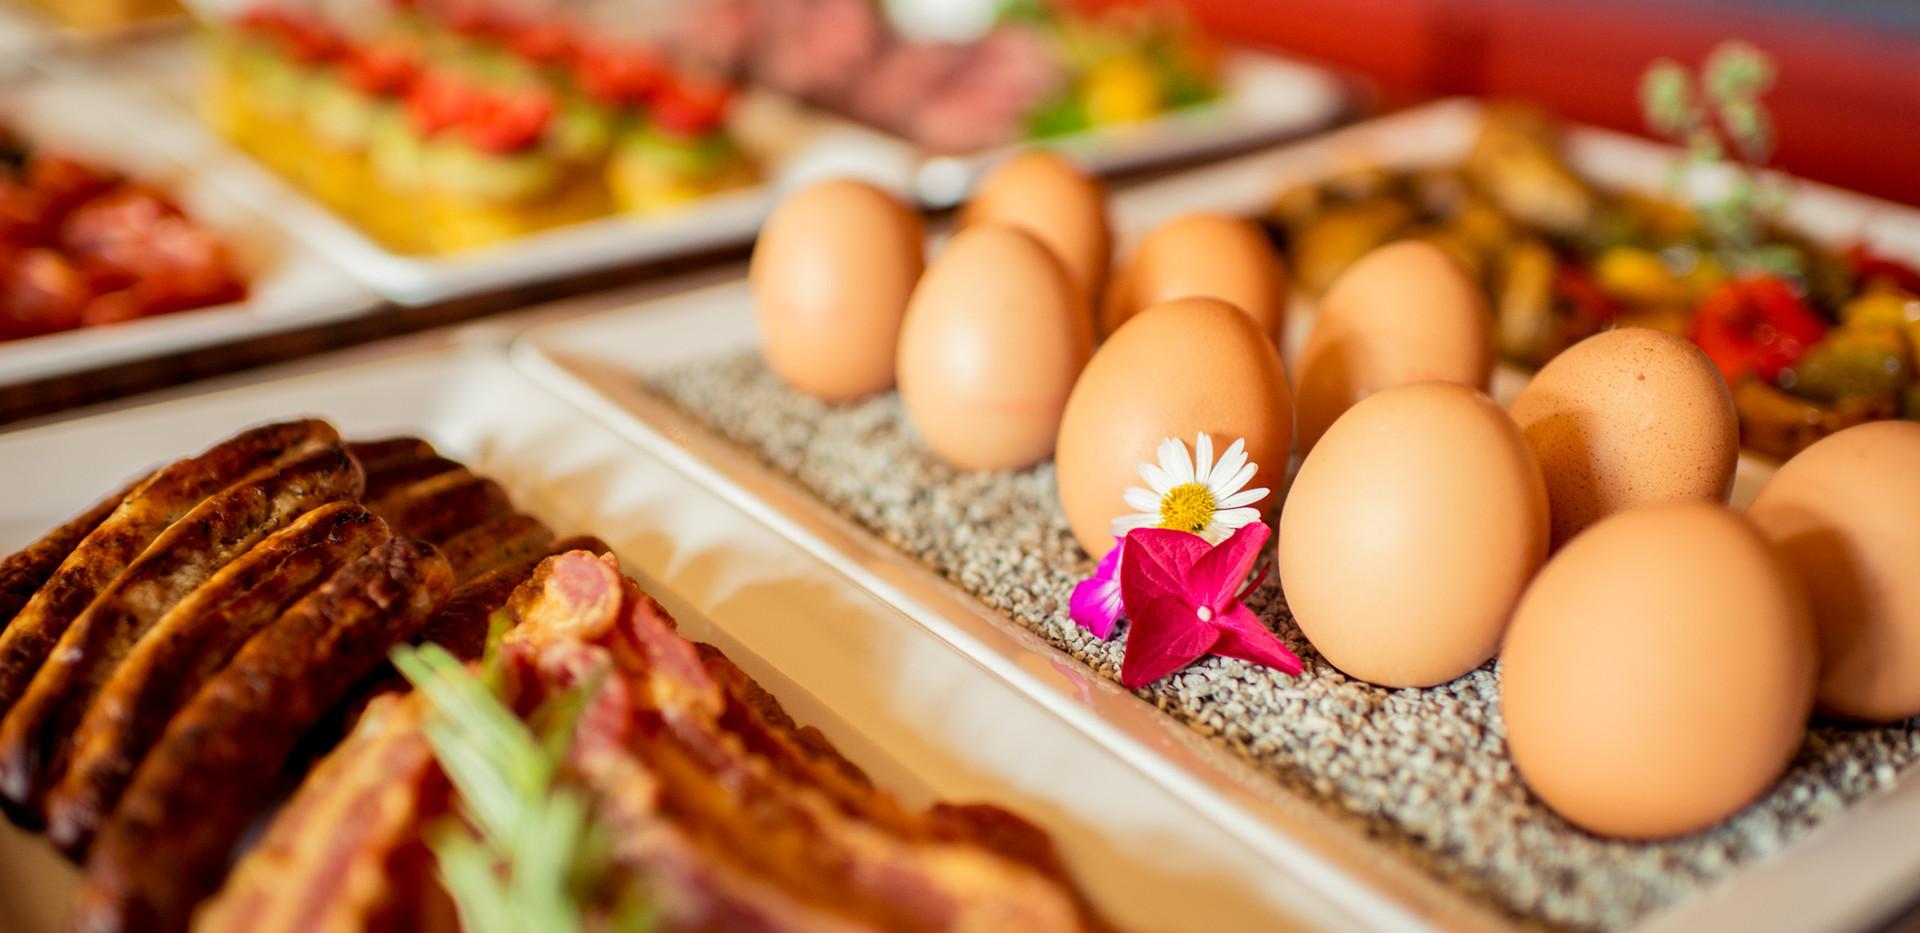 Eier und Speck Frühstücks-Manufaktur